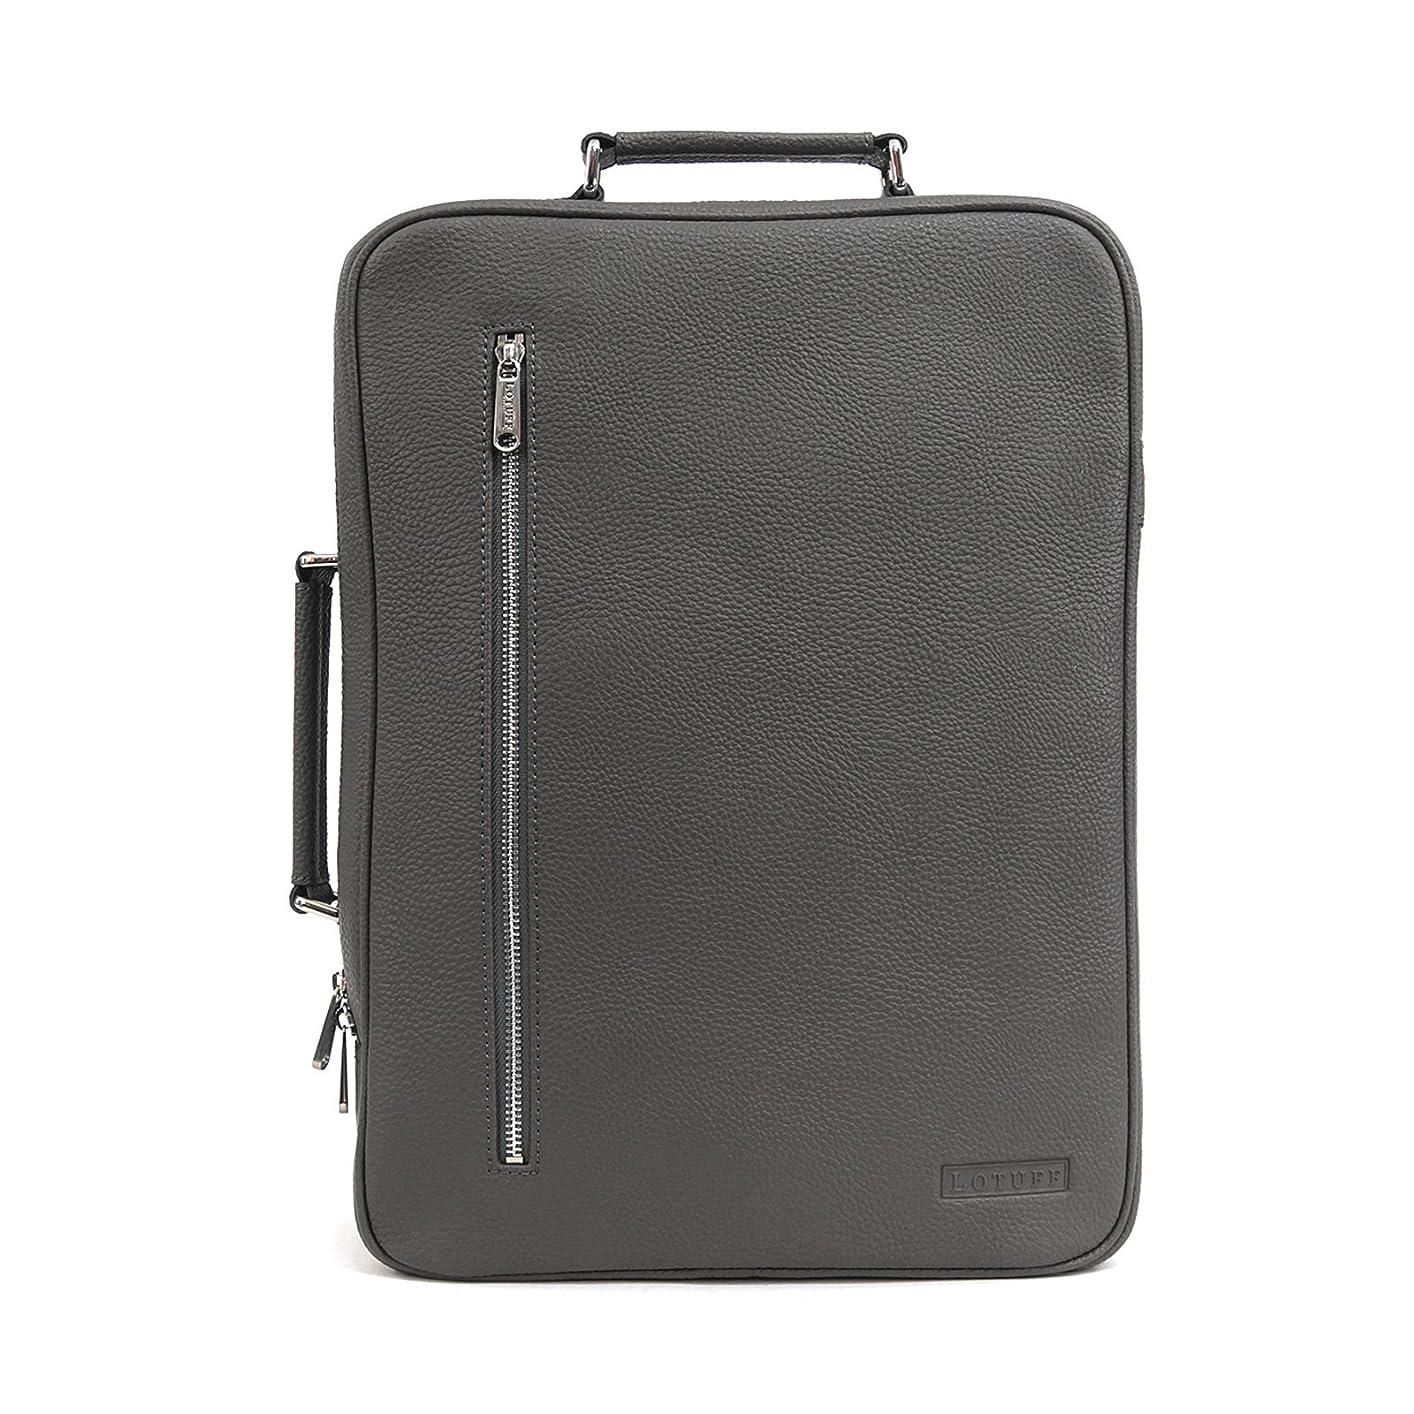 最高協力するリスナーLOTUFF(ロトプ) 5 Color バックパック ブリーフケース ビジネスバッグ デイパックLO-1010 PCバッグ メンズ レディース Leather Backpack 2way [並行輸入品]